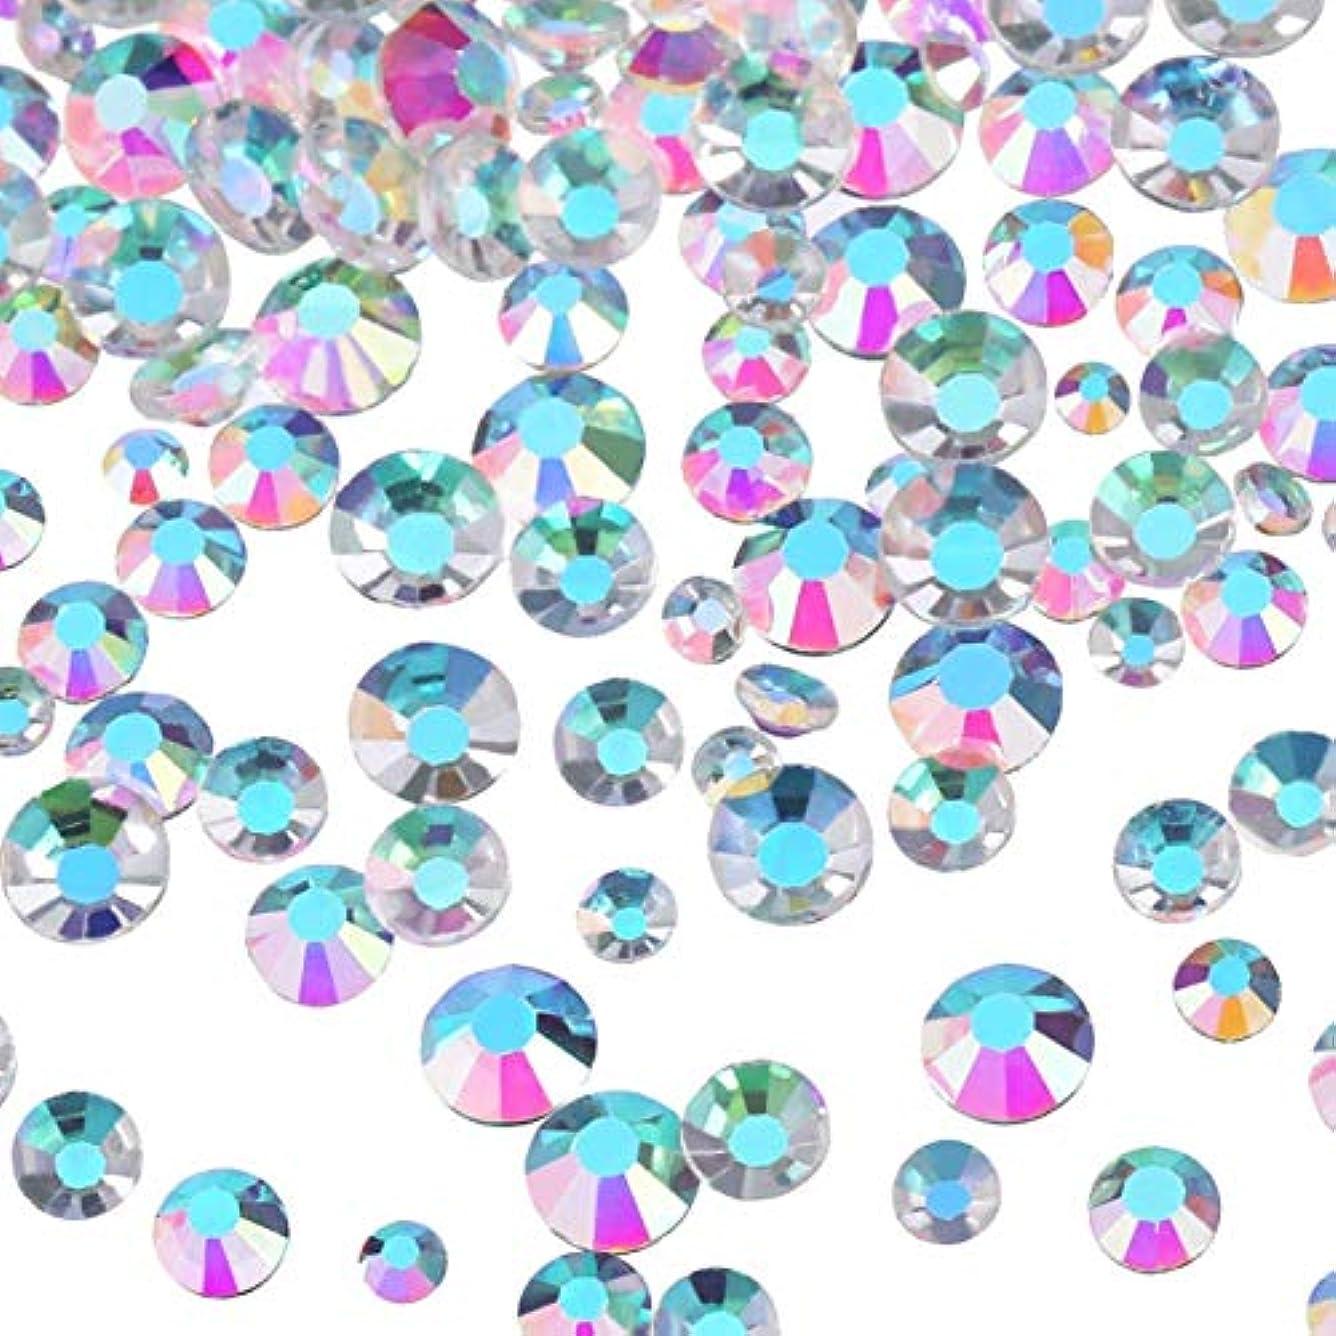 恐れ密接にグループMojoe 3456個ネイルABクリアネイルアートラインストーンラウンドバックガラスチャーム宝石石、6サイズネイル用装飾化粧服靴(、混合Ss4 5 6 8 10 12)(ABクリア)